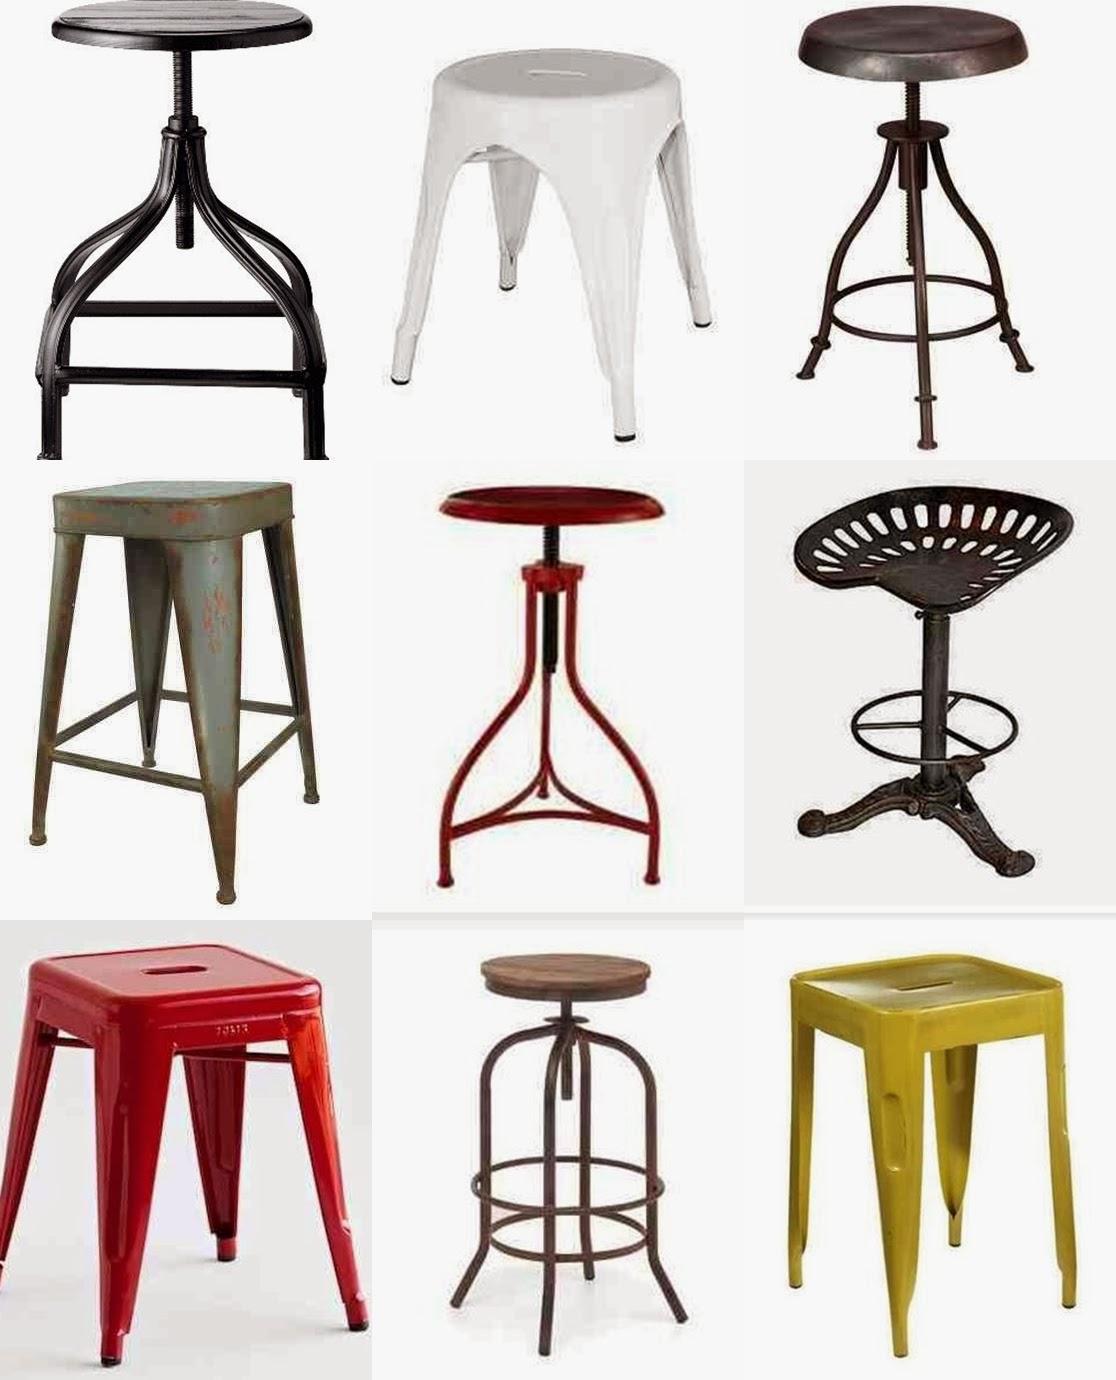 Metal Stools metalowe taborety, żółty metalowy taboret, czerwony metalowy taboret, krzesło traktorzysty taboret industriialny